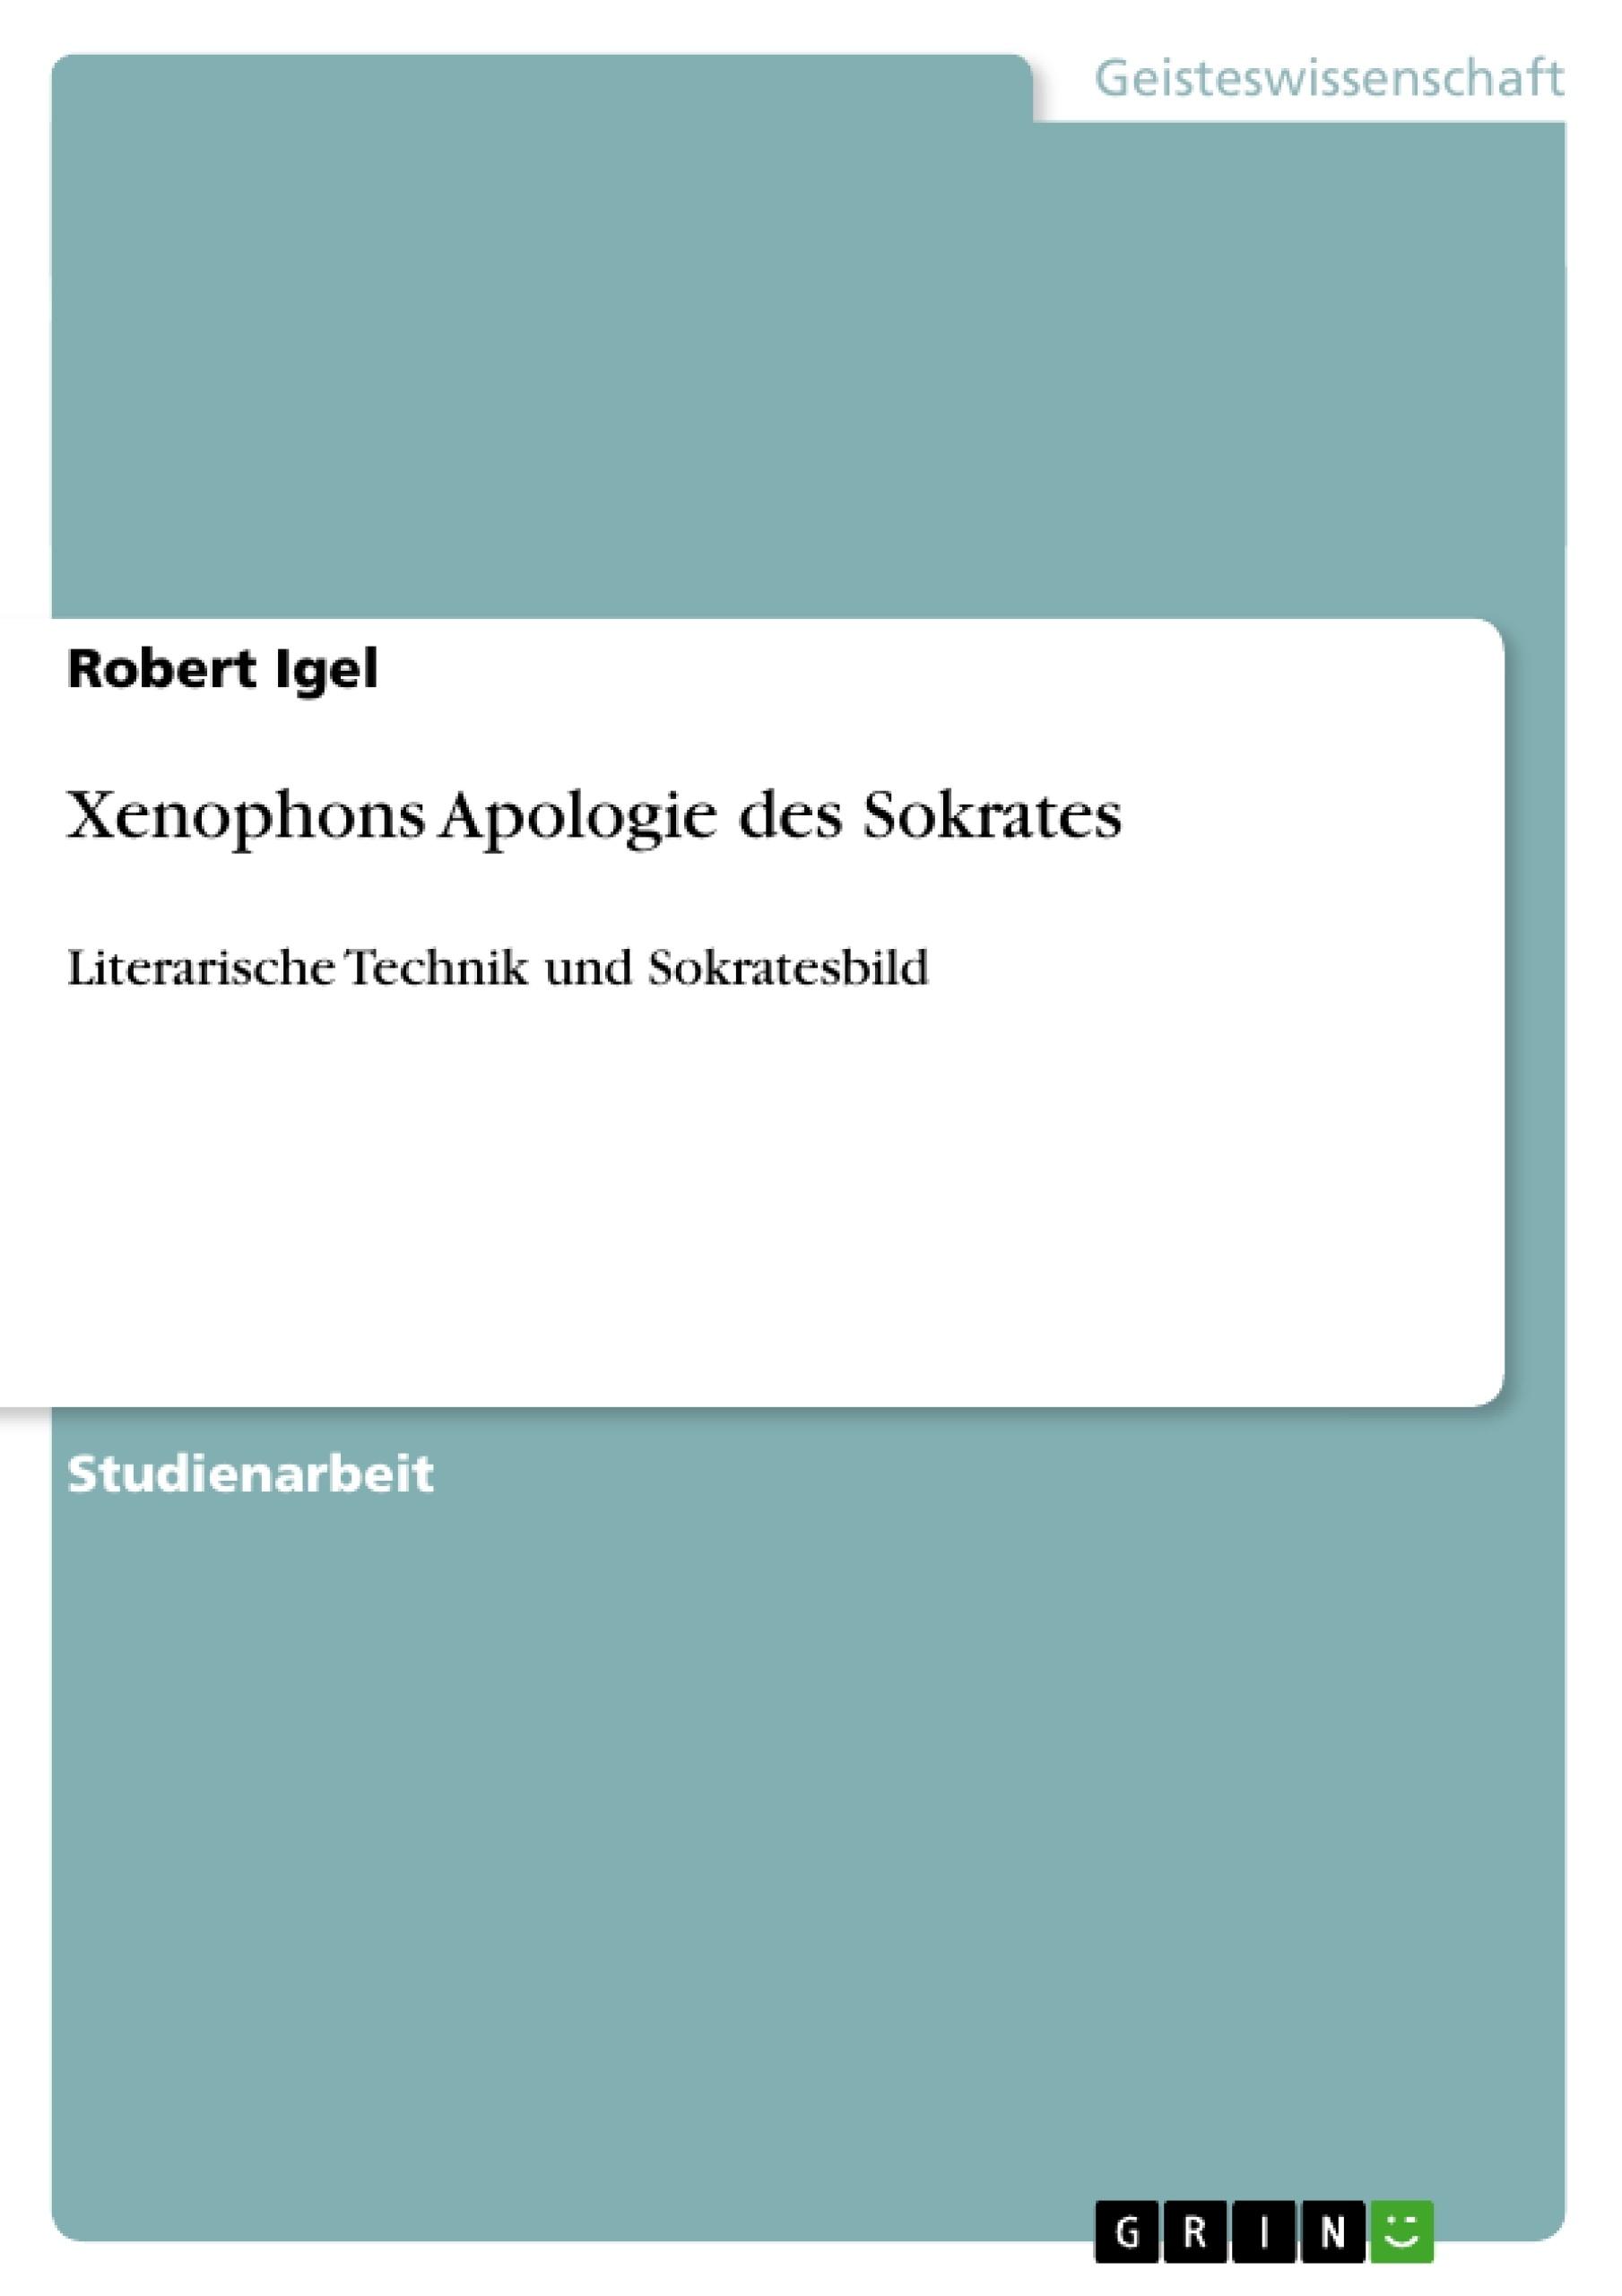 Titel: Xenophons Apologie des Sokrates